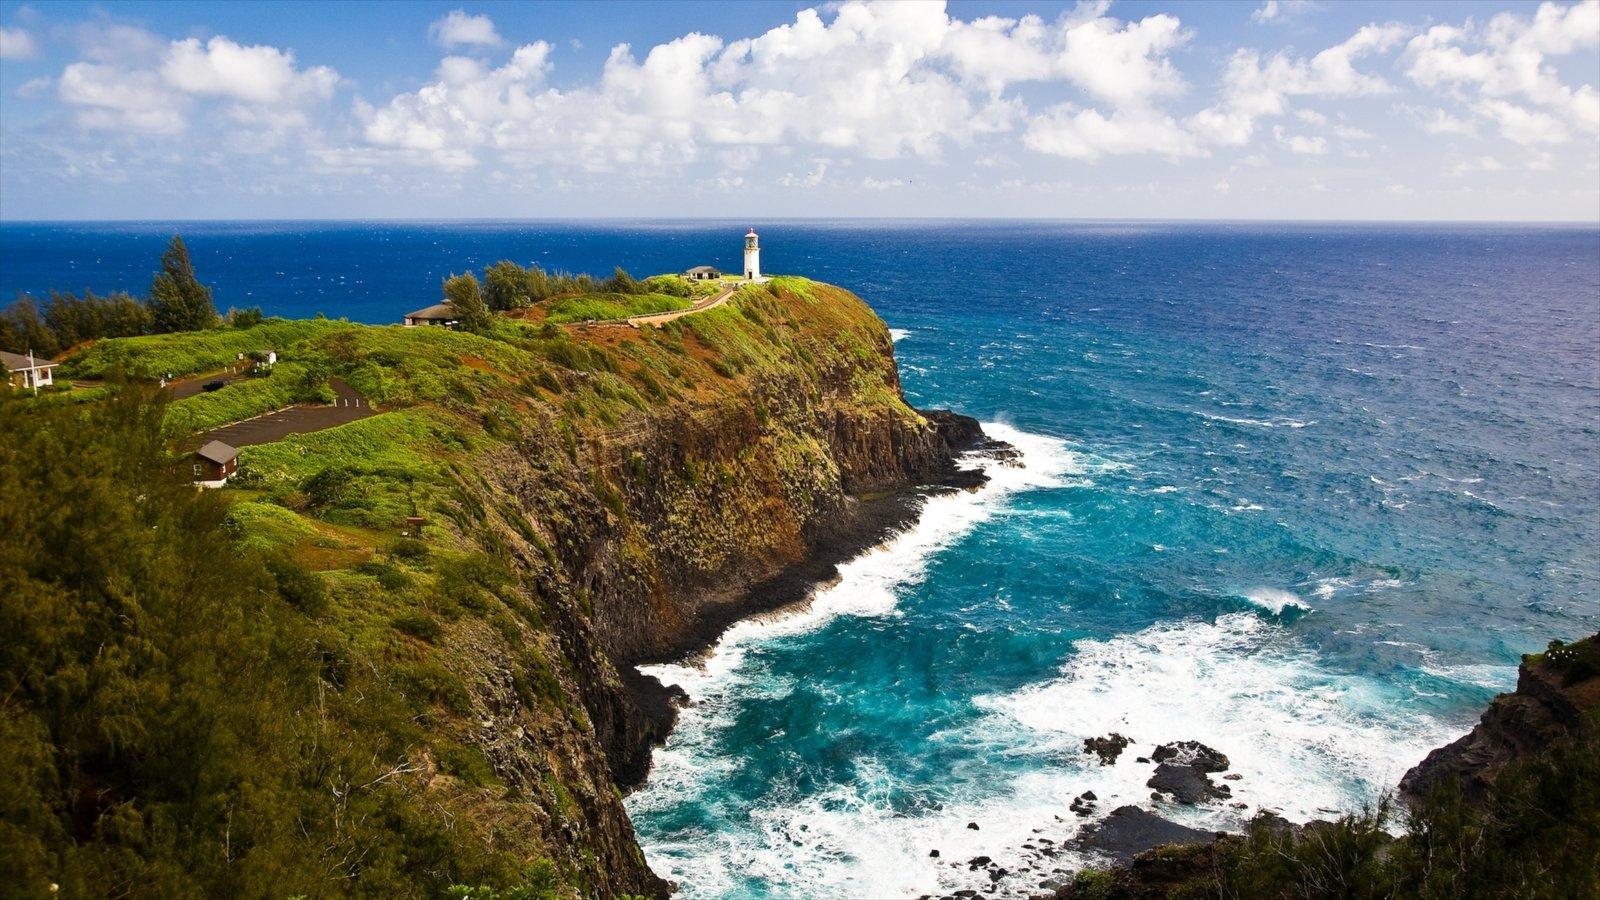 Kauai Island mostrando um farol, paisagem e litoral acidentado